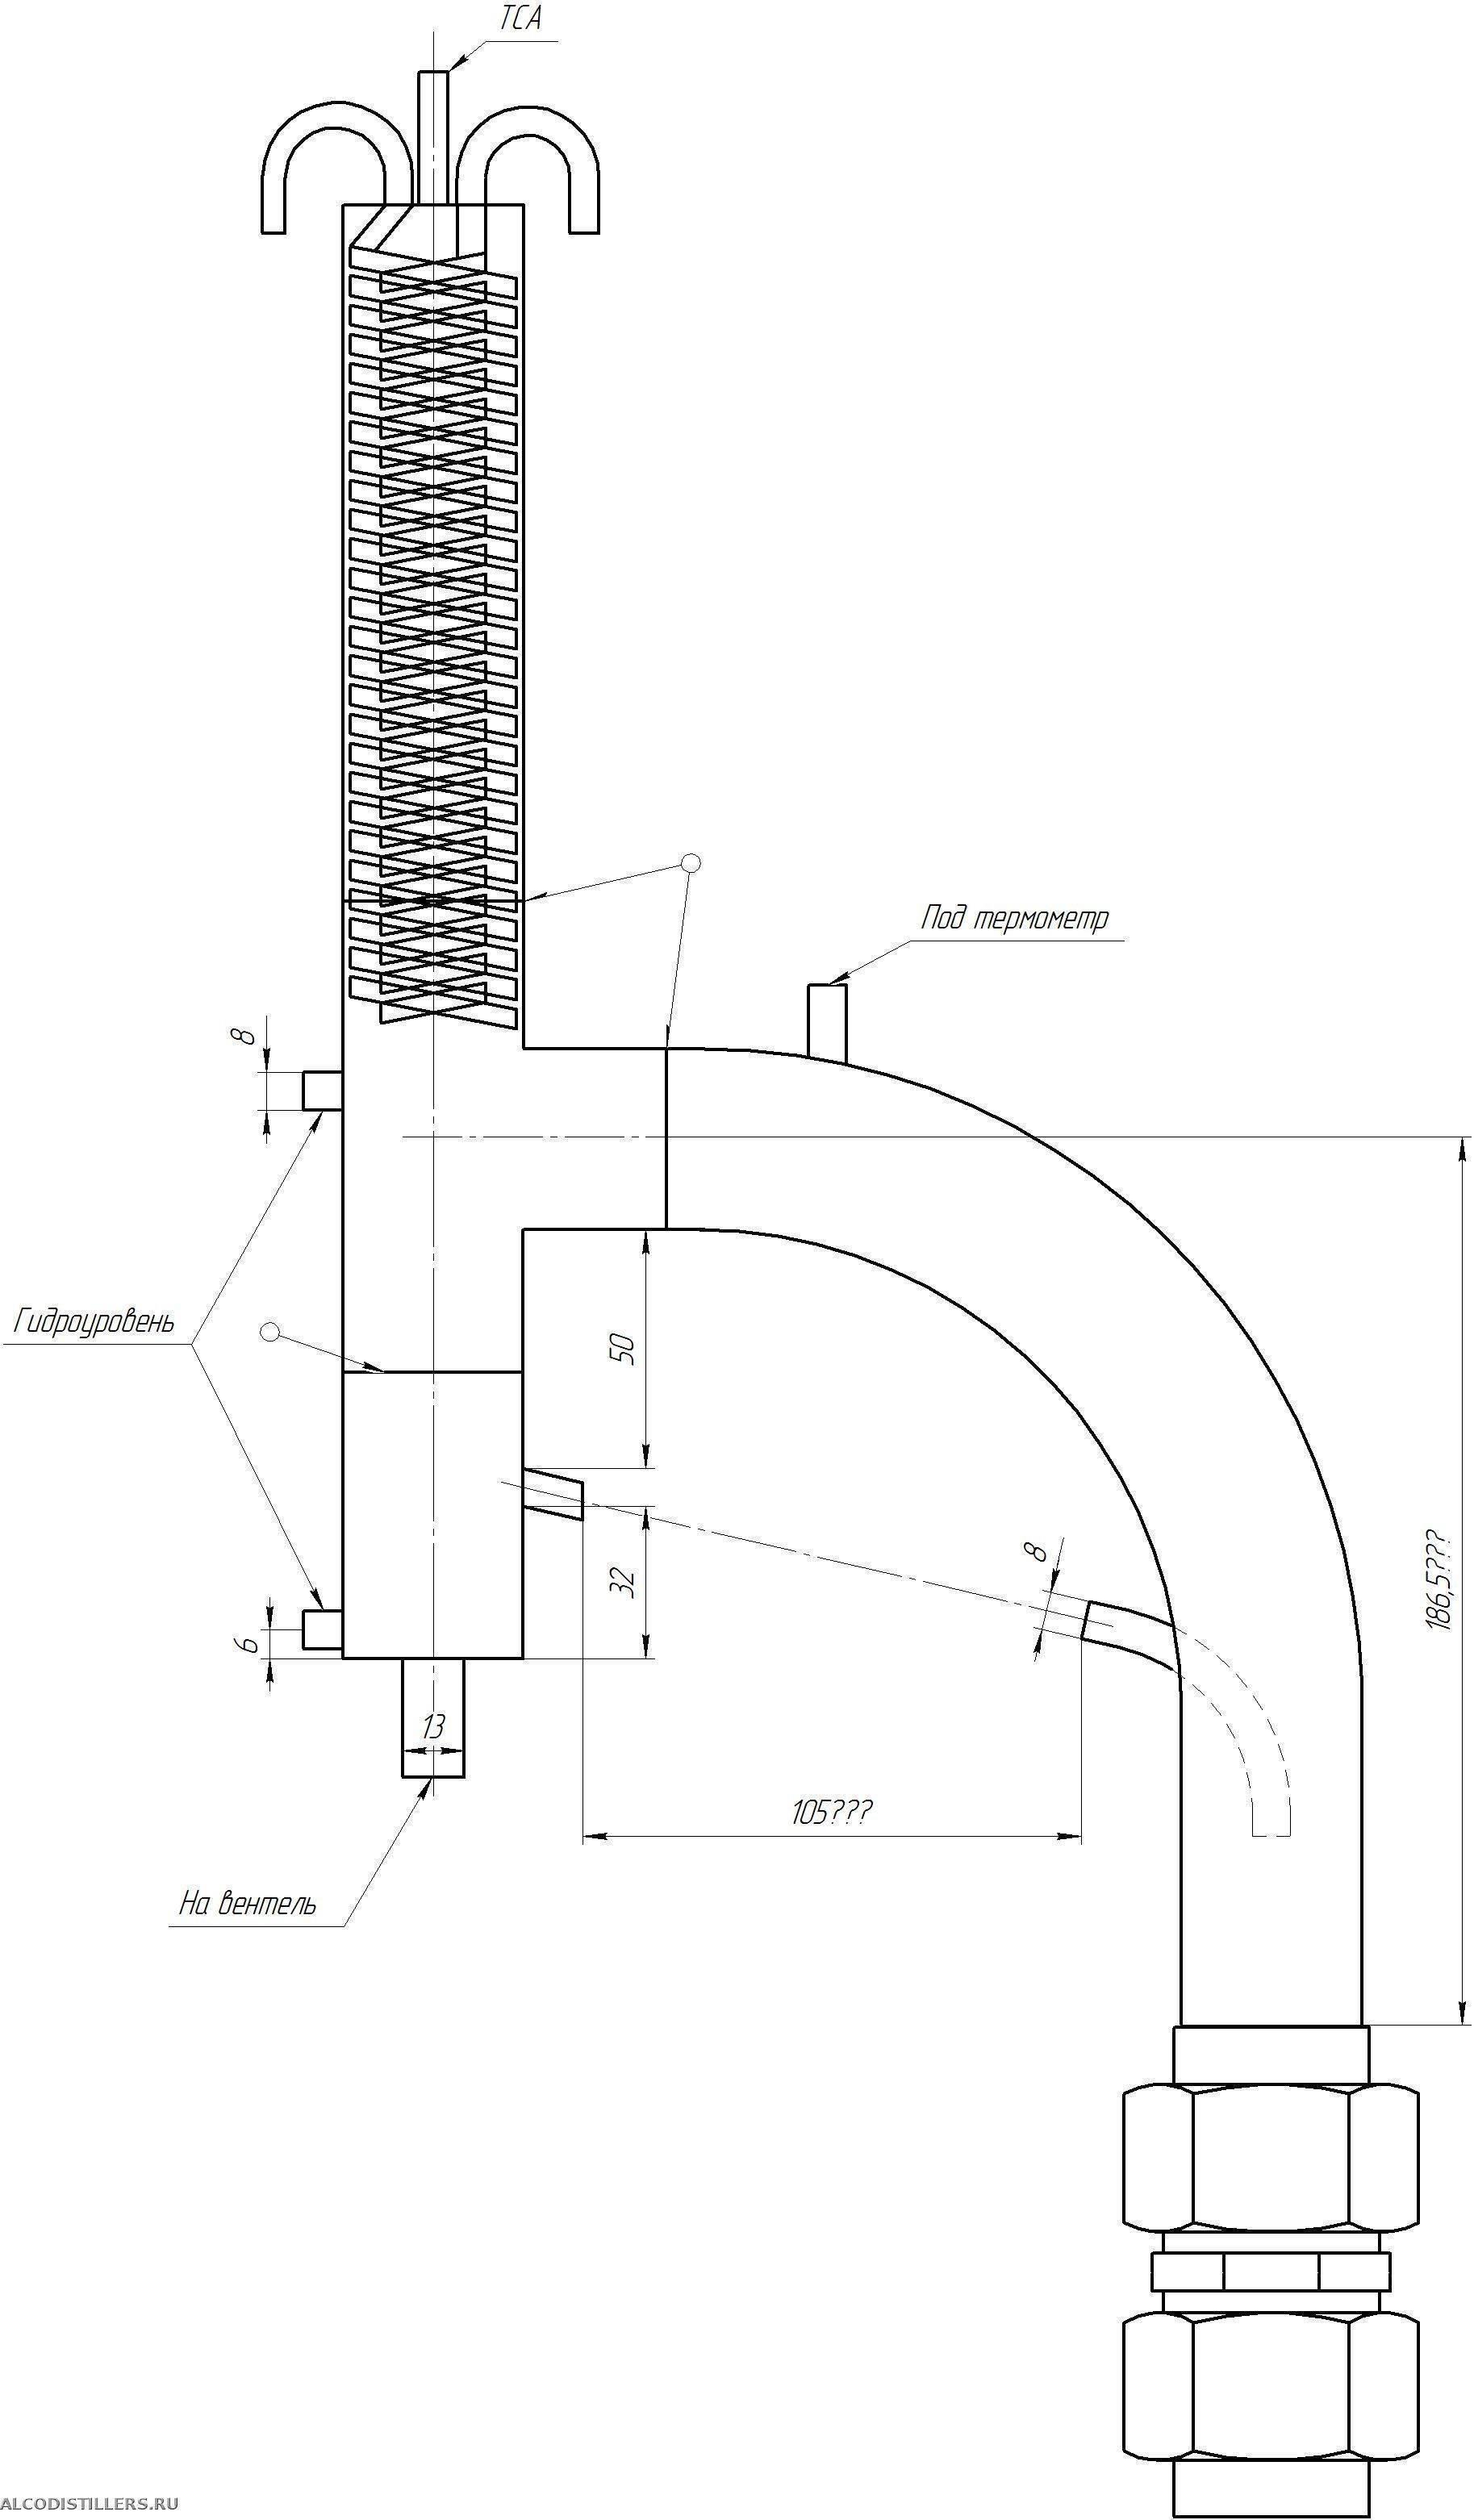 Как сделать ректификационную колонну своими руками по чертежам с размерами